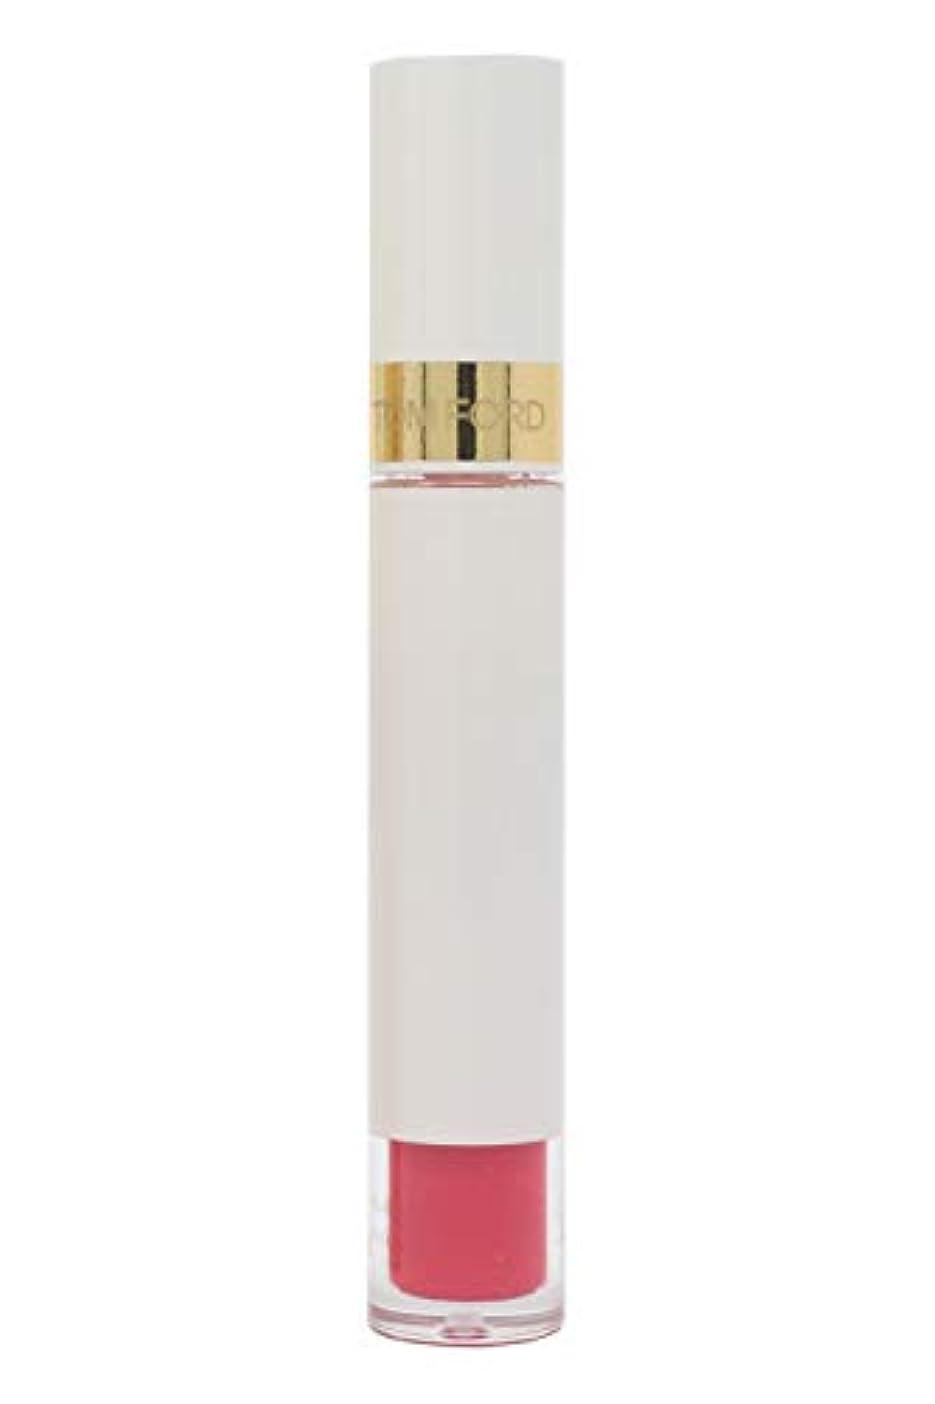 ユーモラススペードセンチメンタルトム フォード Lip Lacqure Liquid Tint - # 05 Exhibitionist 2.7ml/0.09oz並行輸入品